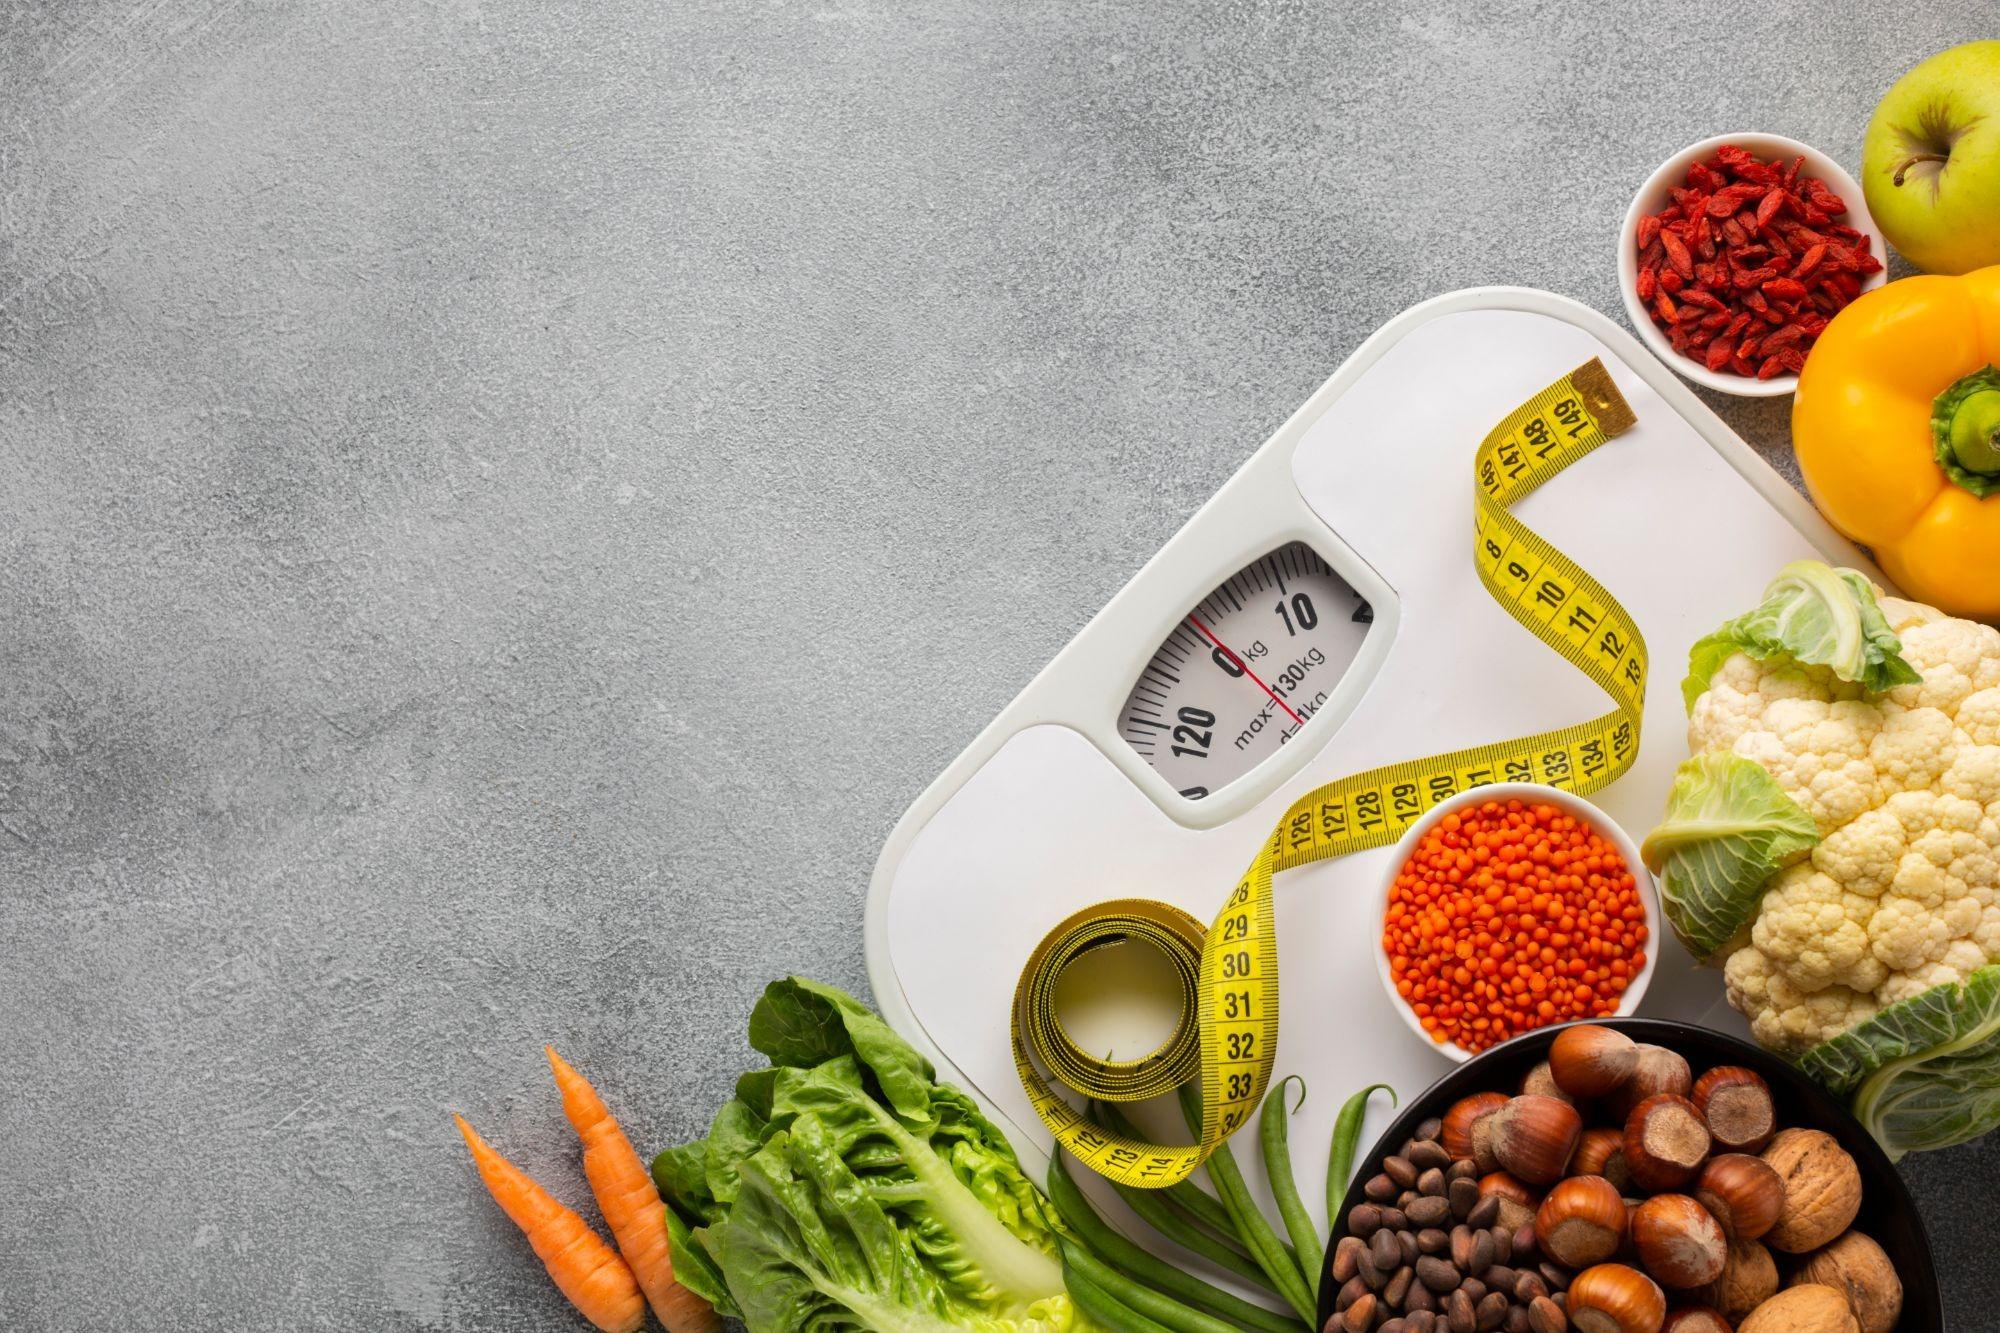 Controllo del peso, bilancio calorico e attività fisica